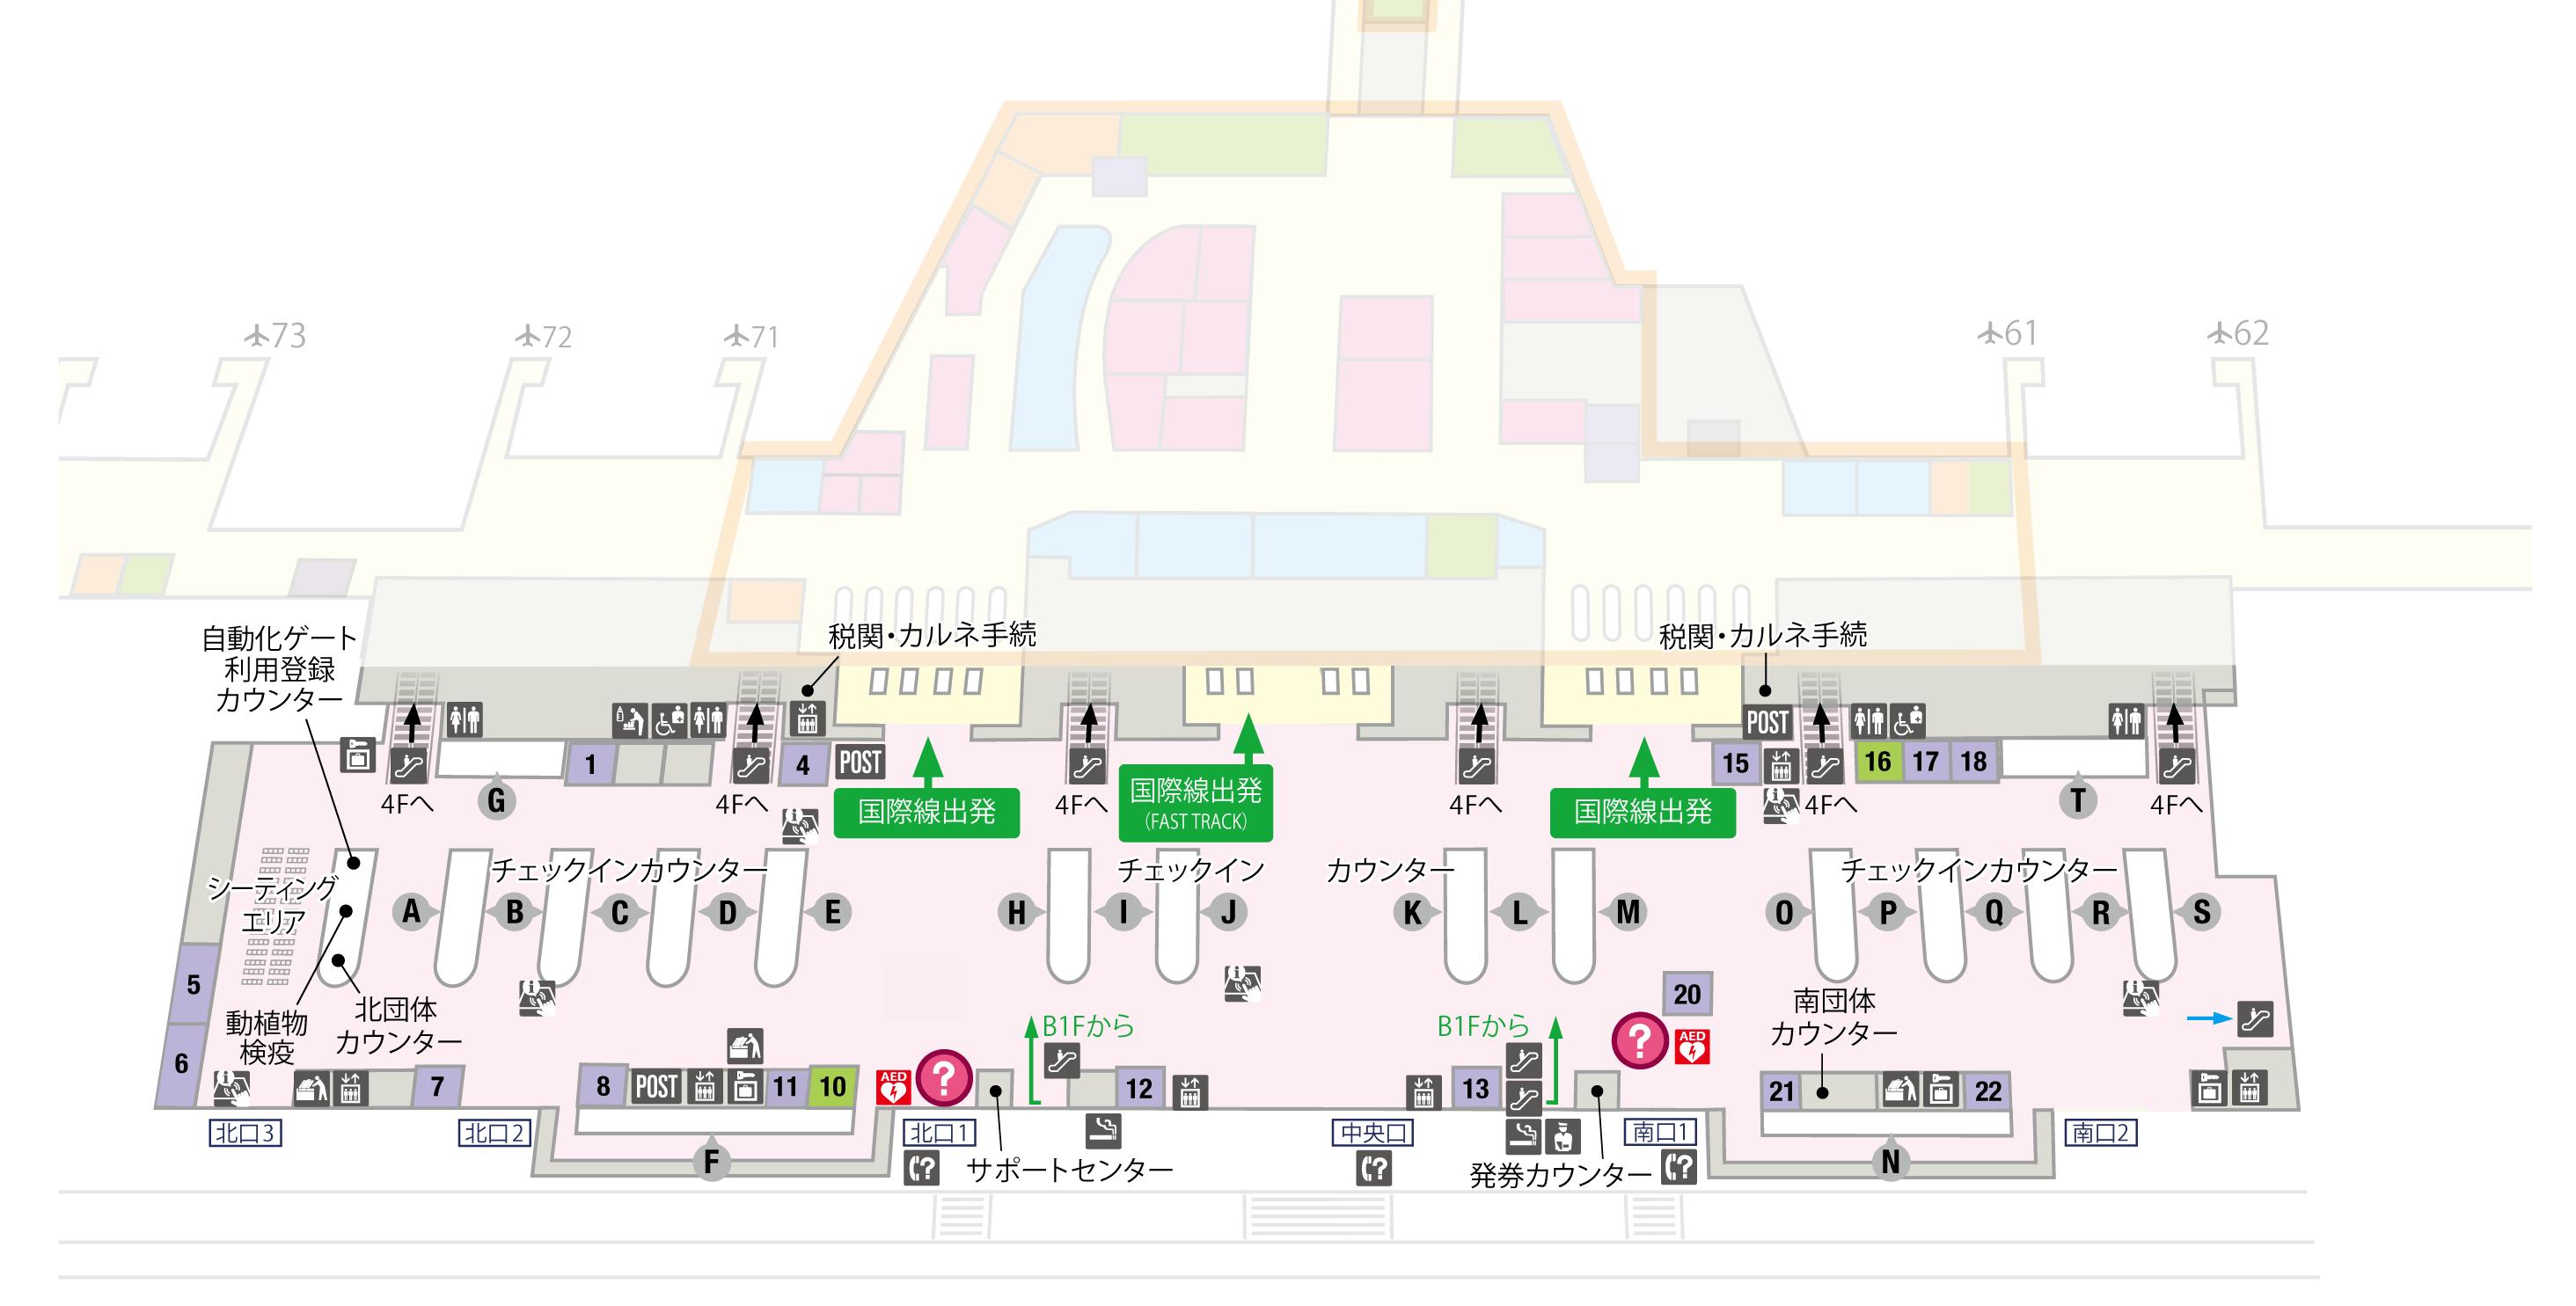 成田 空港 国際線 到着 ターミナル